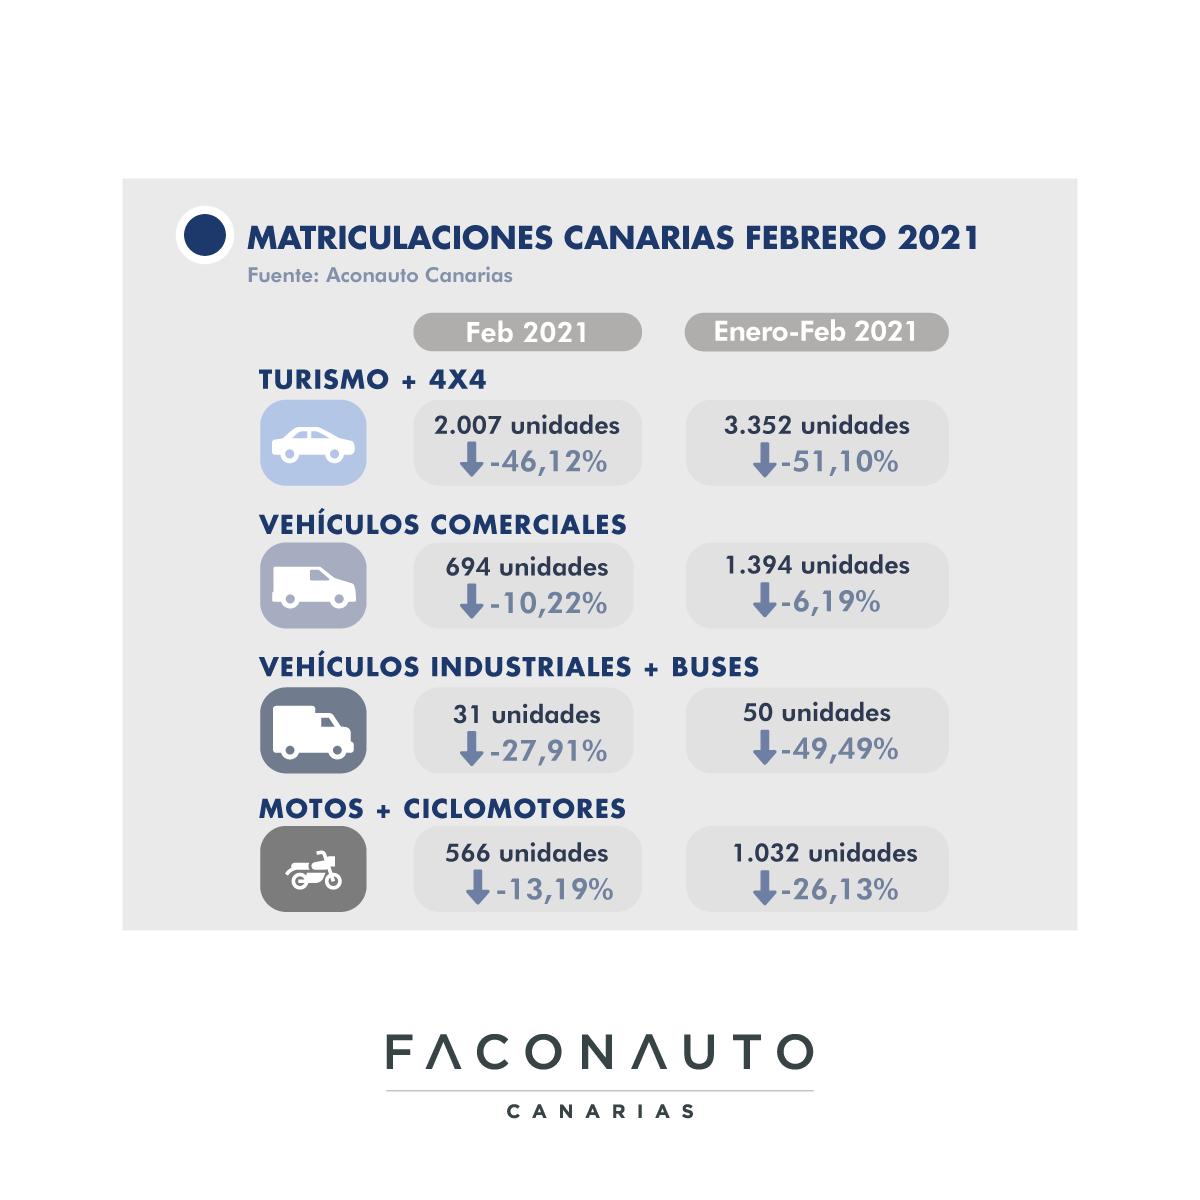 Matriculaciones de vehículos en Canarias/ canariasnoticias